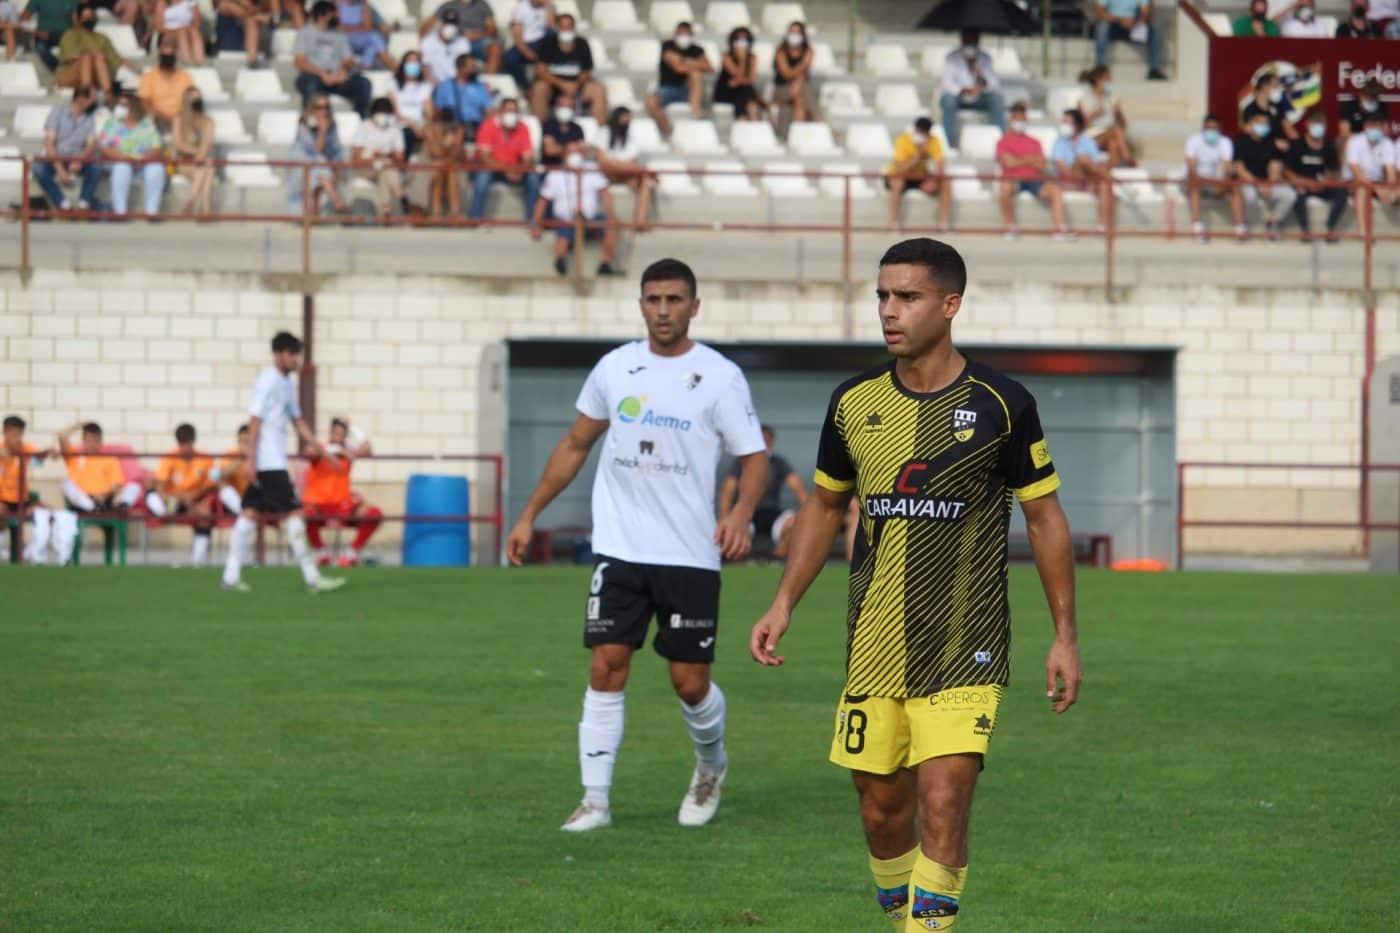 El Alfaro alza el trofeo regional de la Copa RFEF ante el Casalarreina 11